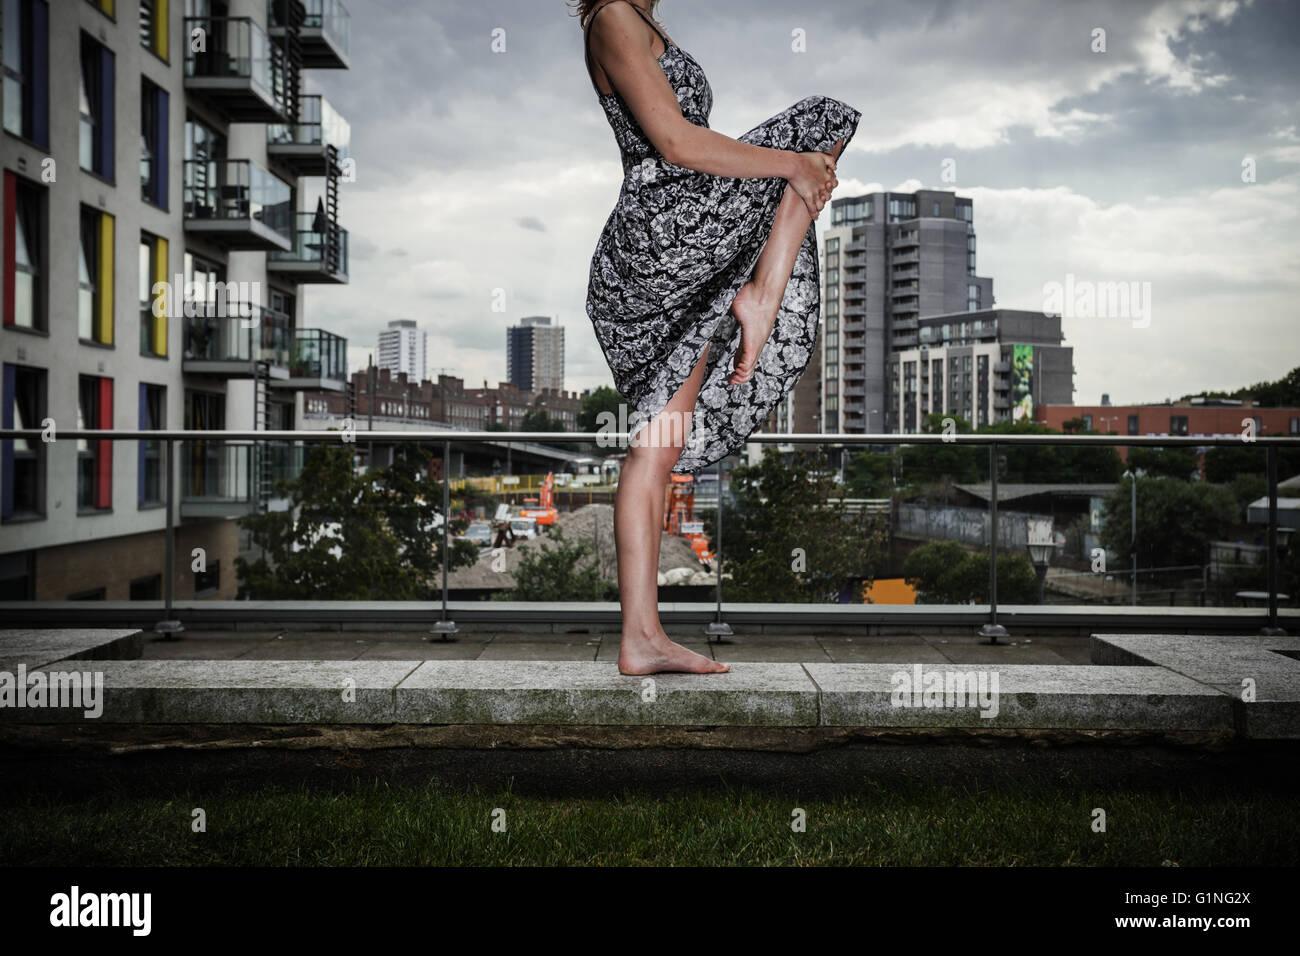 Eine junge Frau trägt eine Kleid ist ihr Bein heben, da sie auf einem Dach steht Stockbild